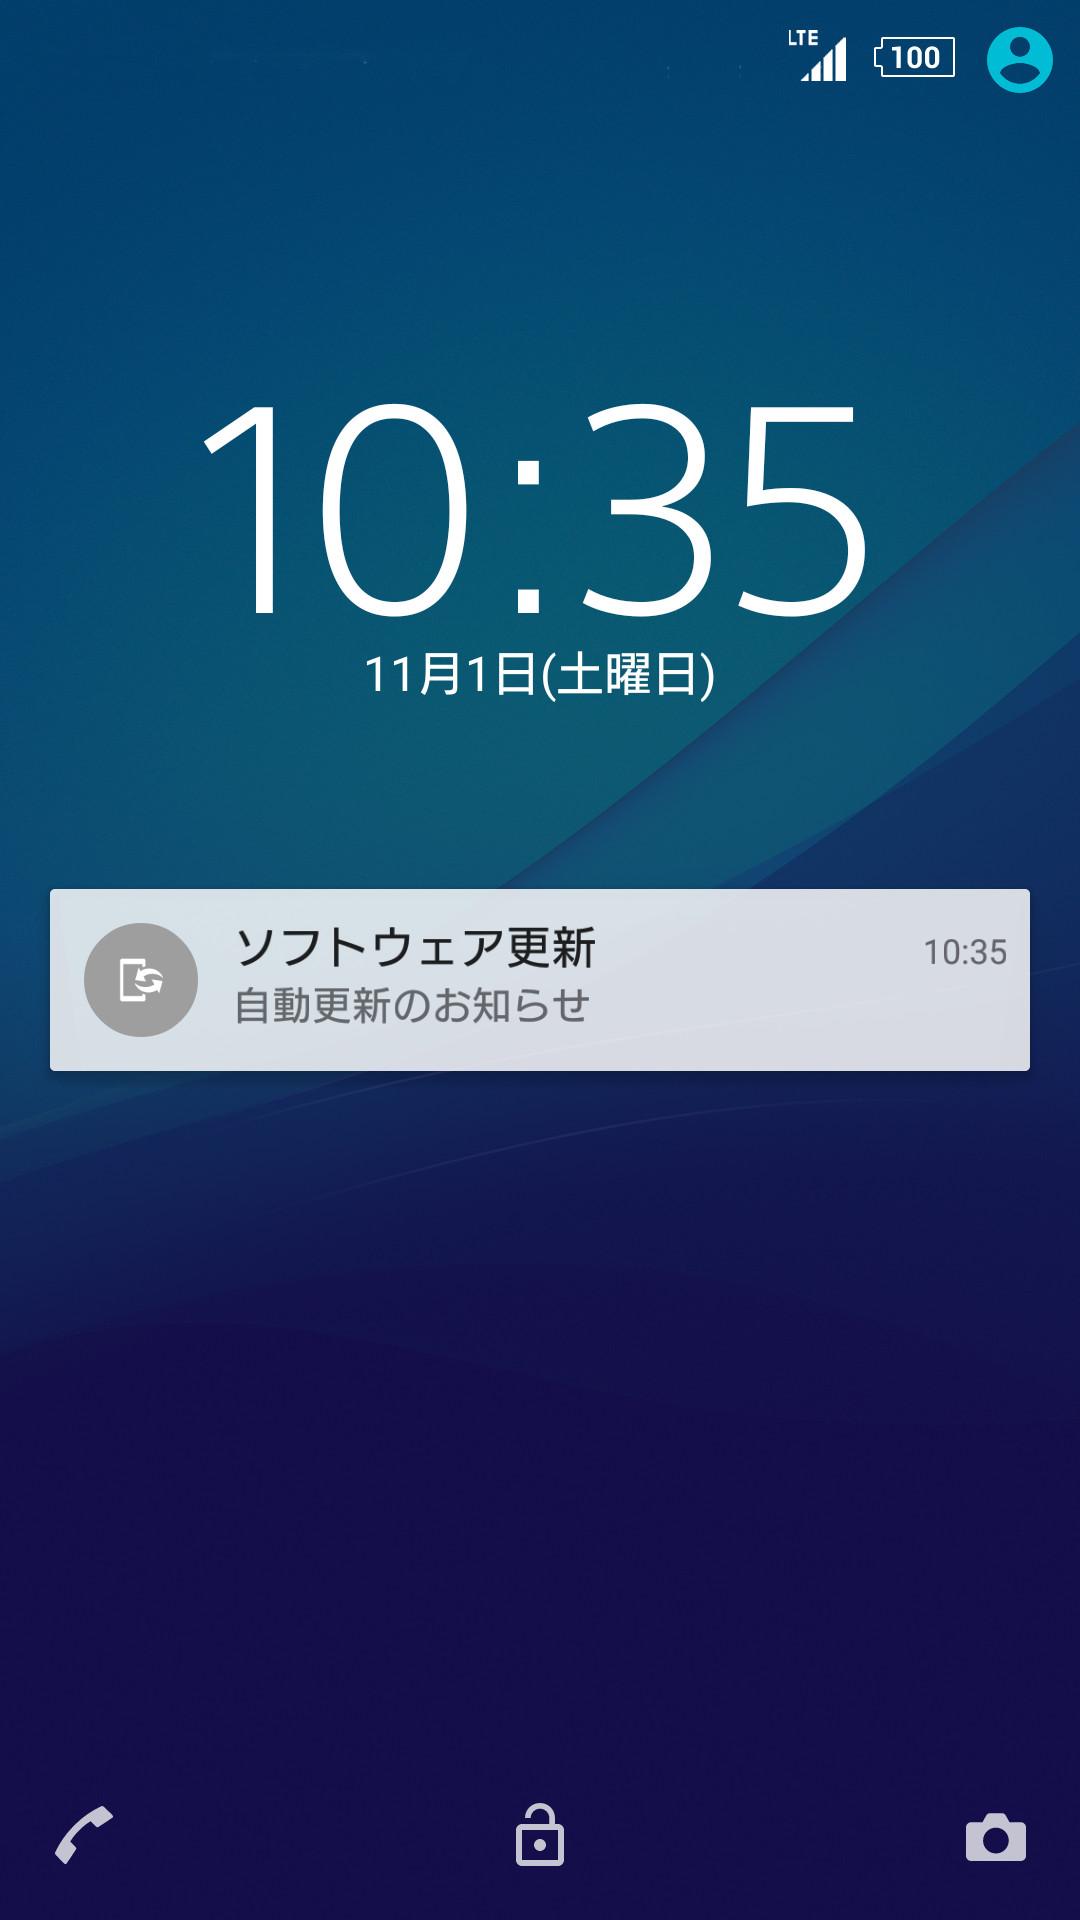 android ダウンロード pdf 削除